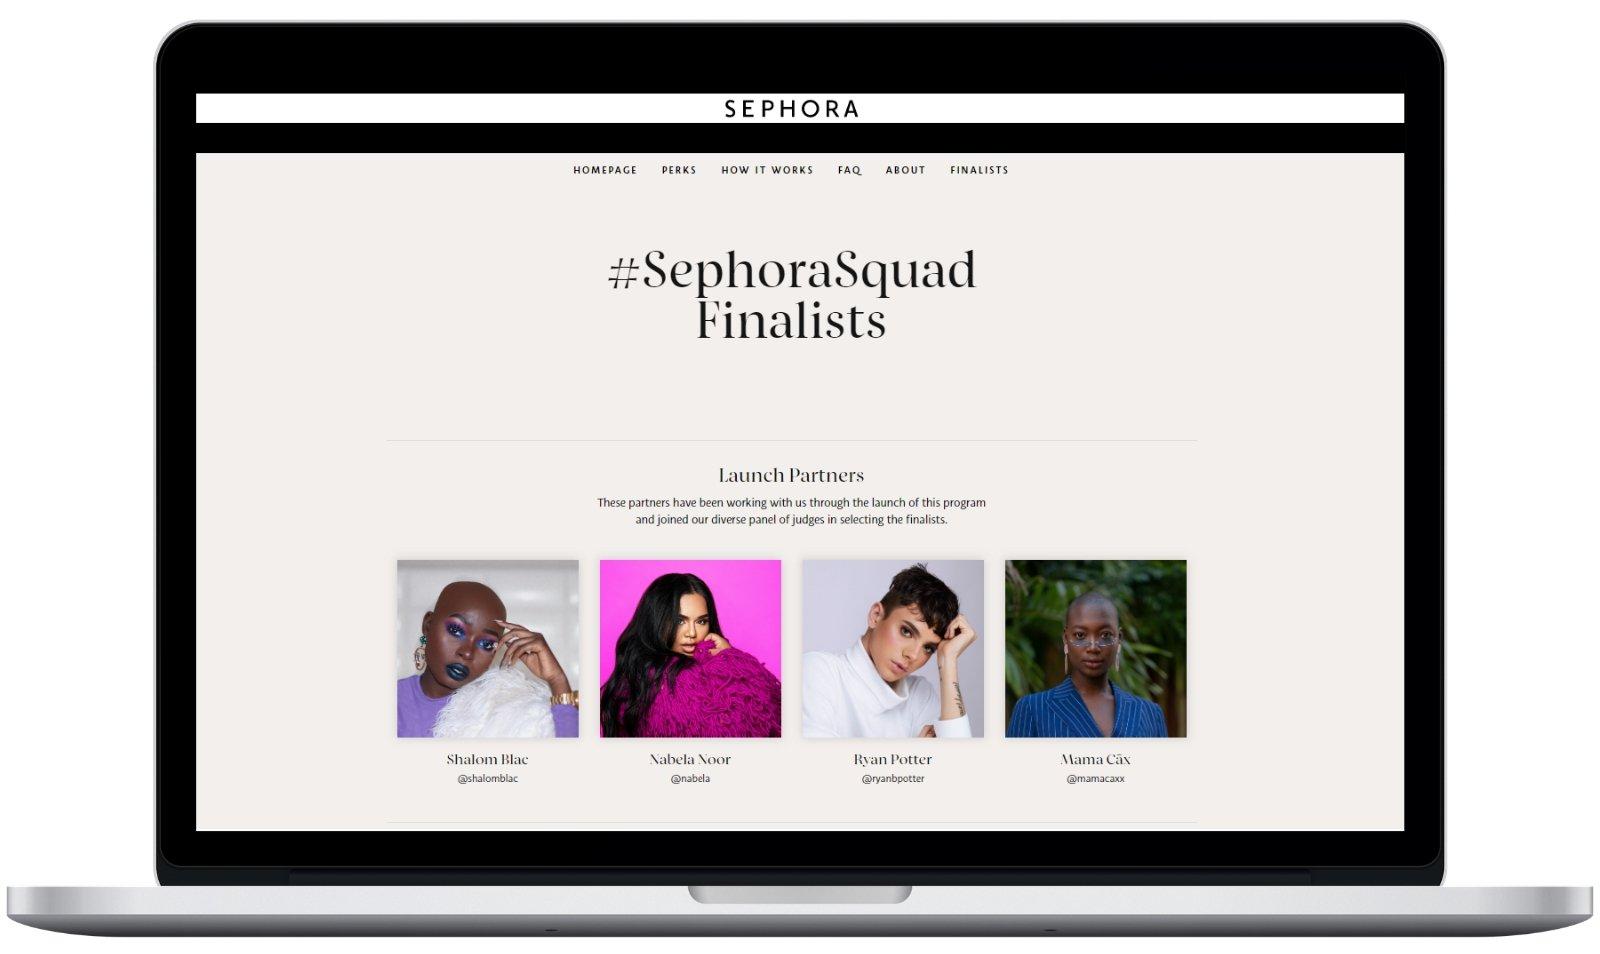 sephora-squad-campaign